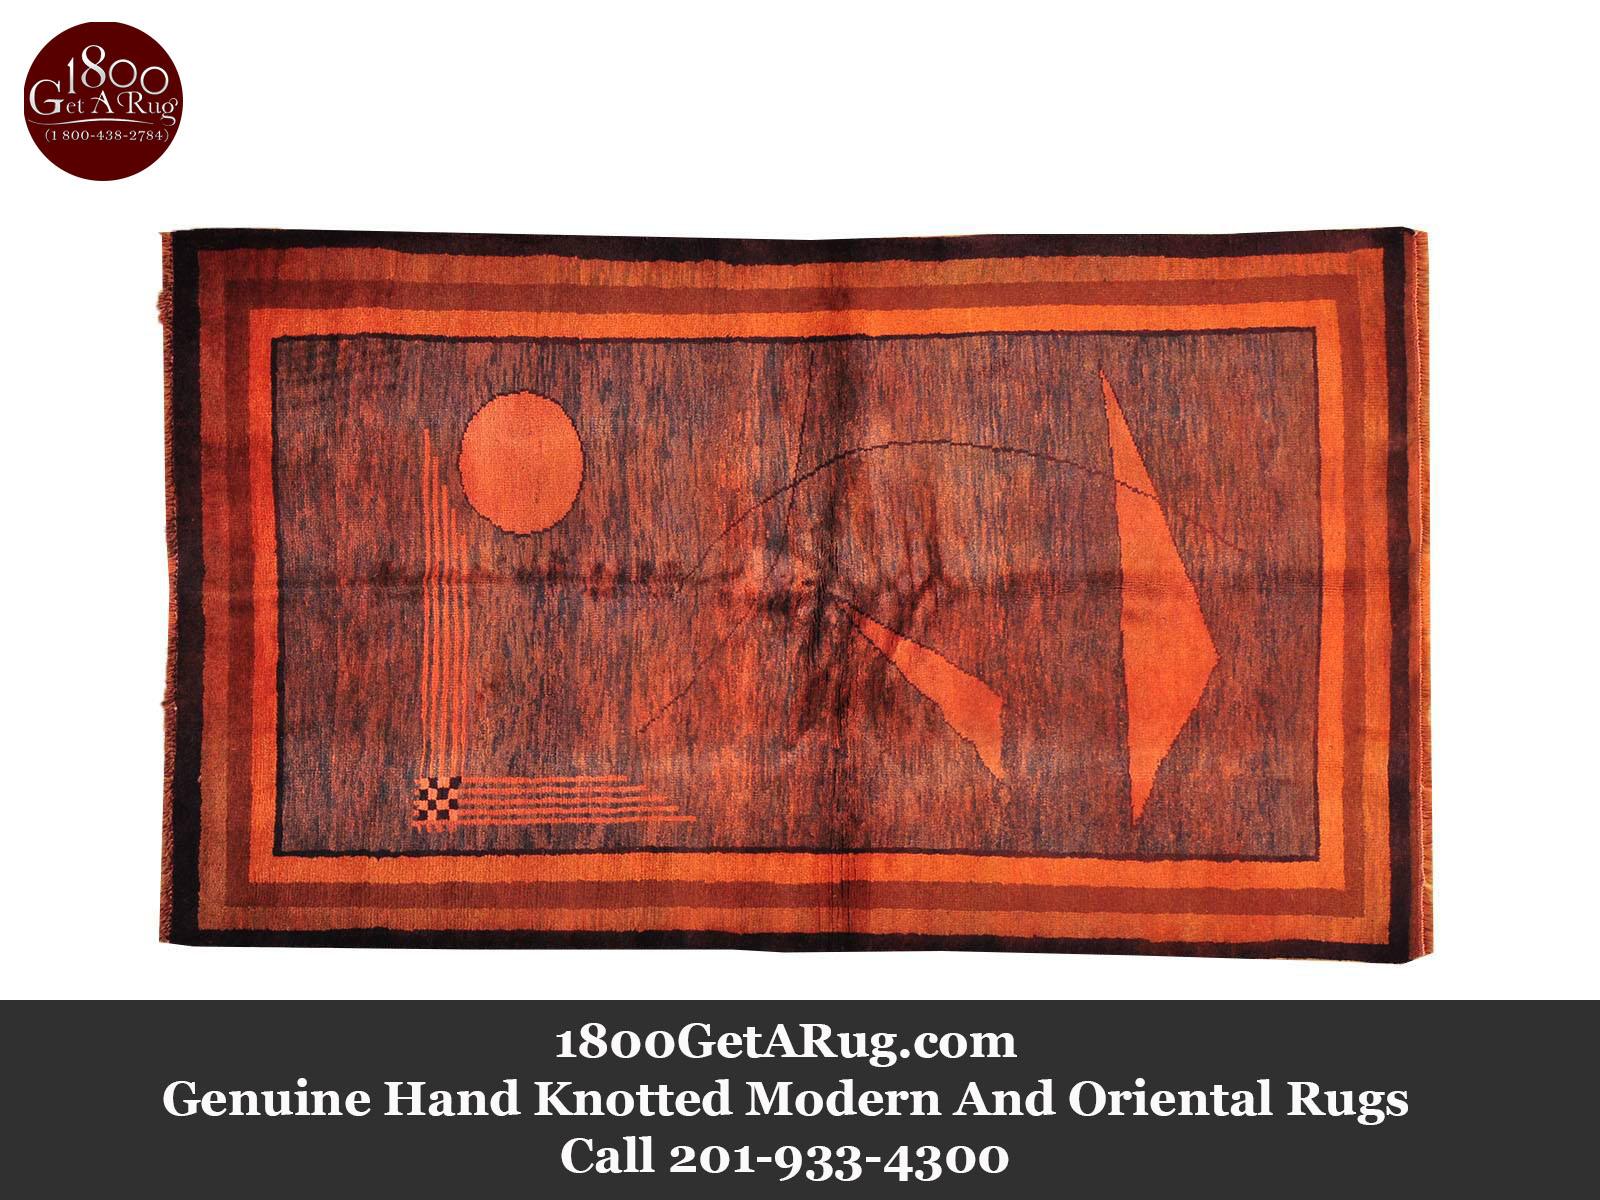 persian-rugs-1800getarug.com-sh12989-001